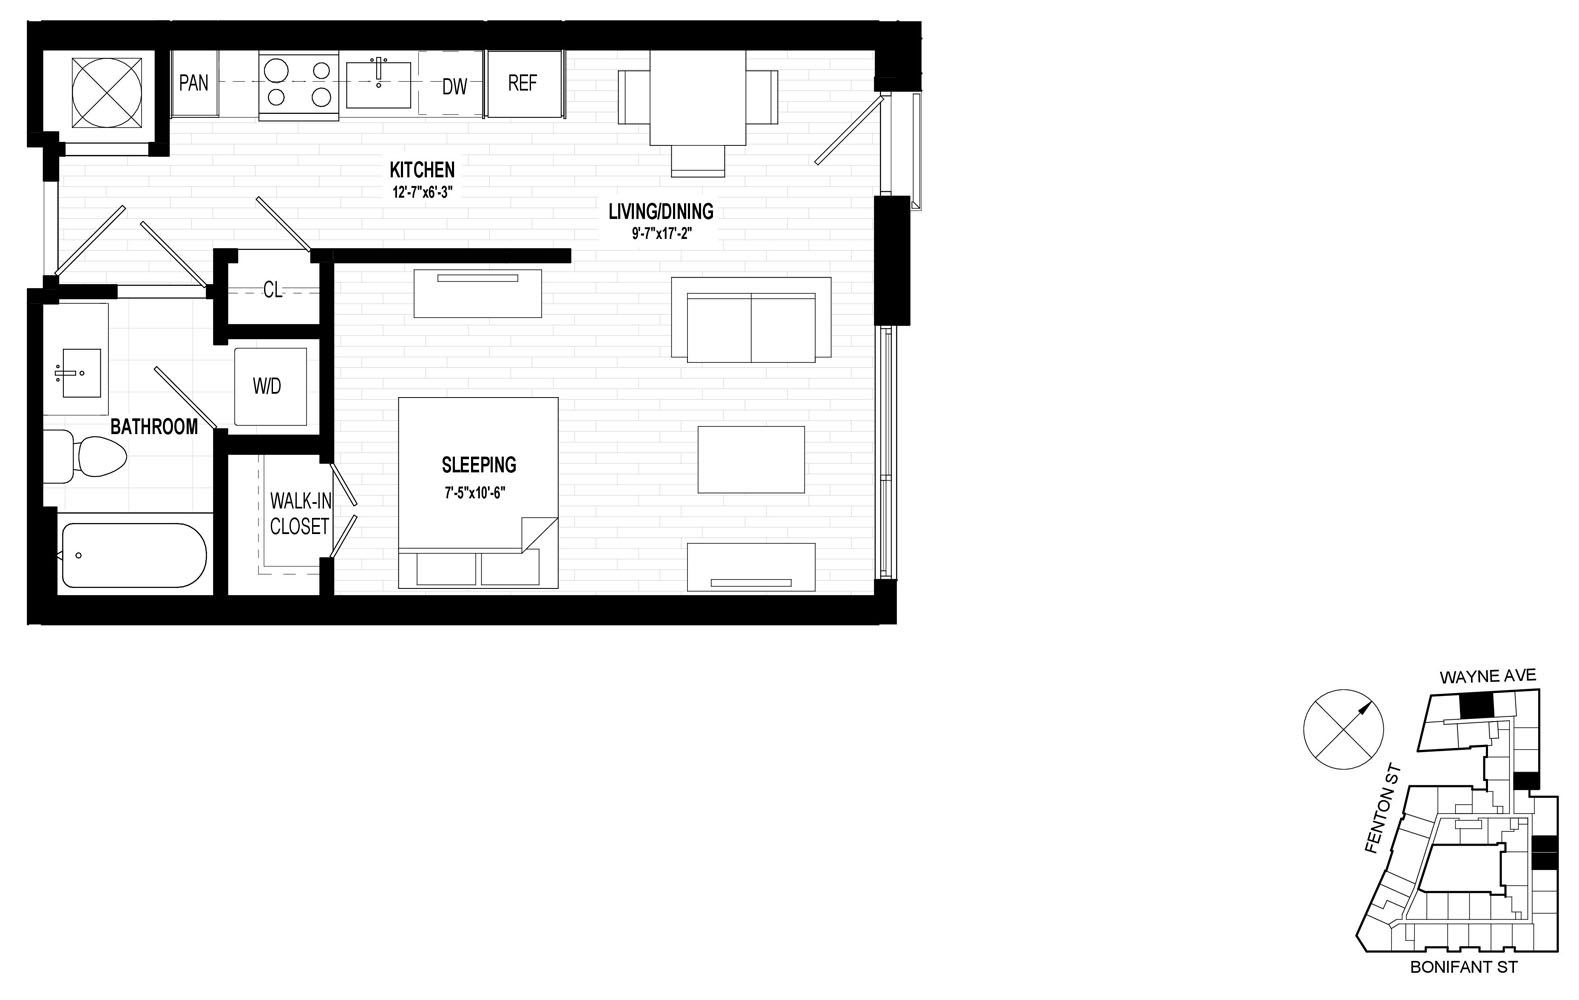 P0578887 761sa02 central e01 484 2 floorplan